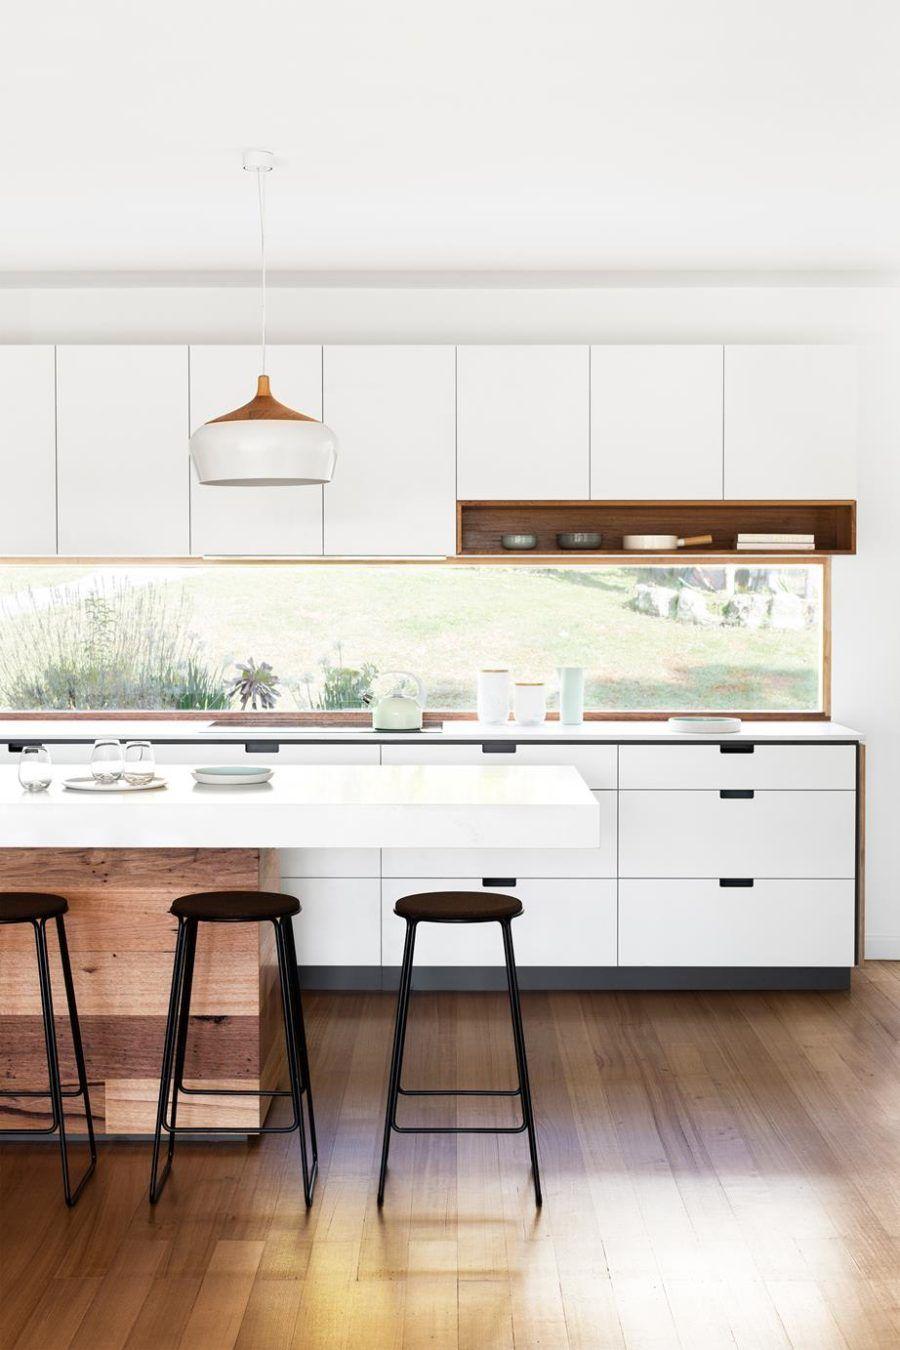 Modern Kitchen Backsplash Ideas For Cooking With Style Top Kitchen Designs Home Decor Kitchen Modern Kitchen